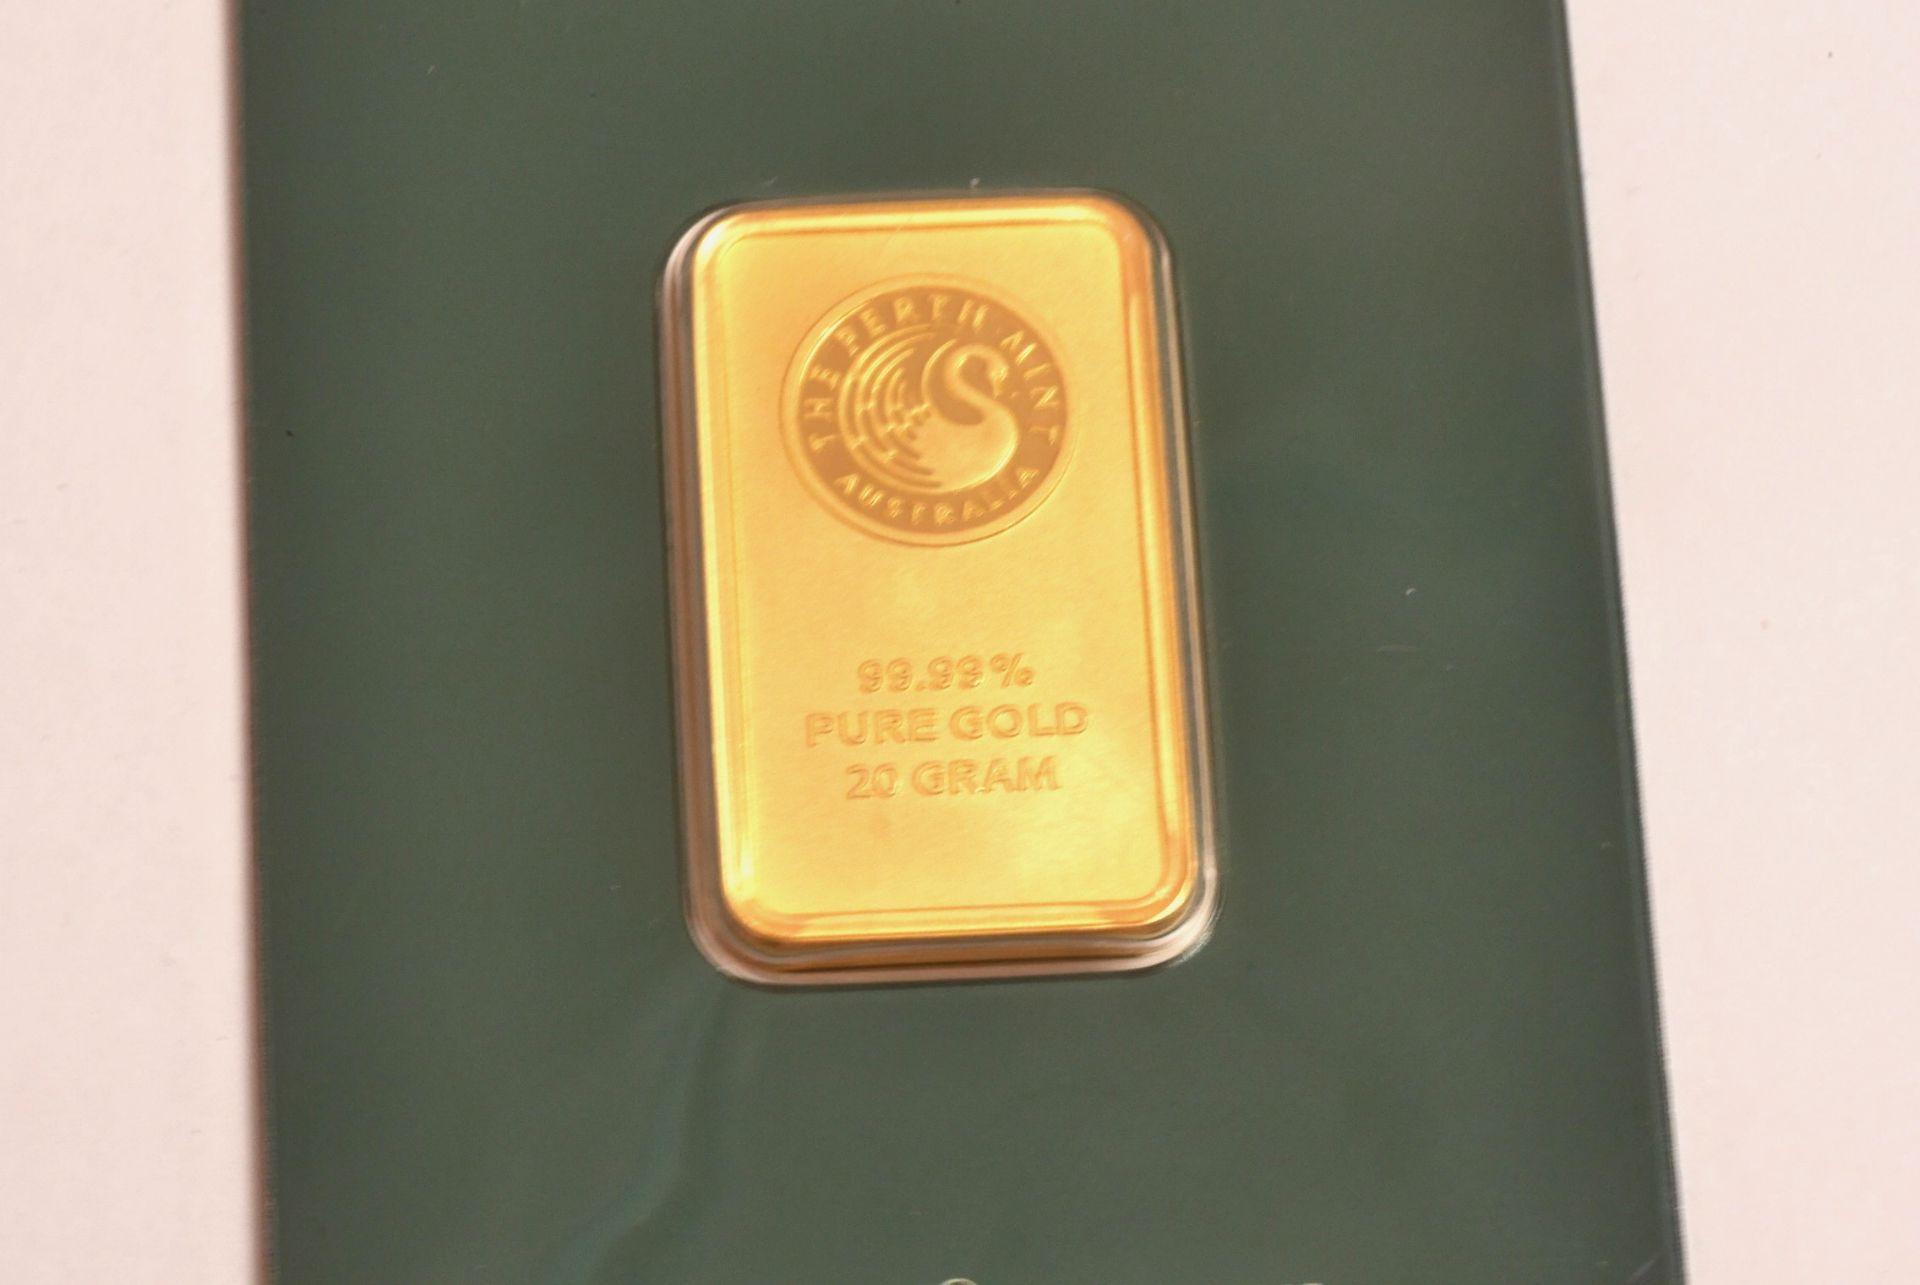 Goldbarren 20 Gramm - Bild 3 aus 4